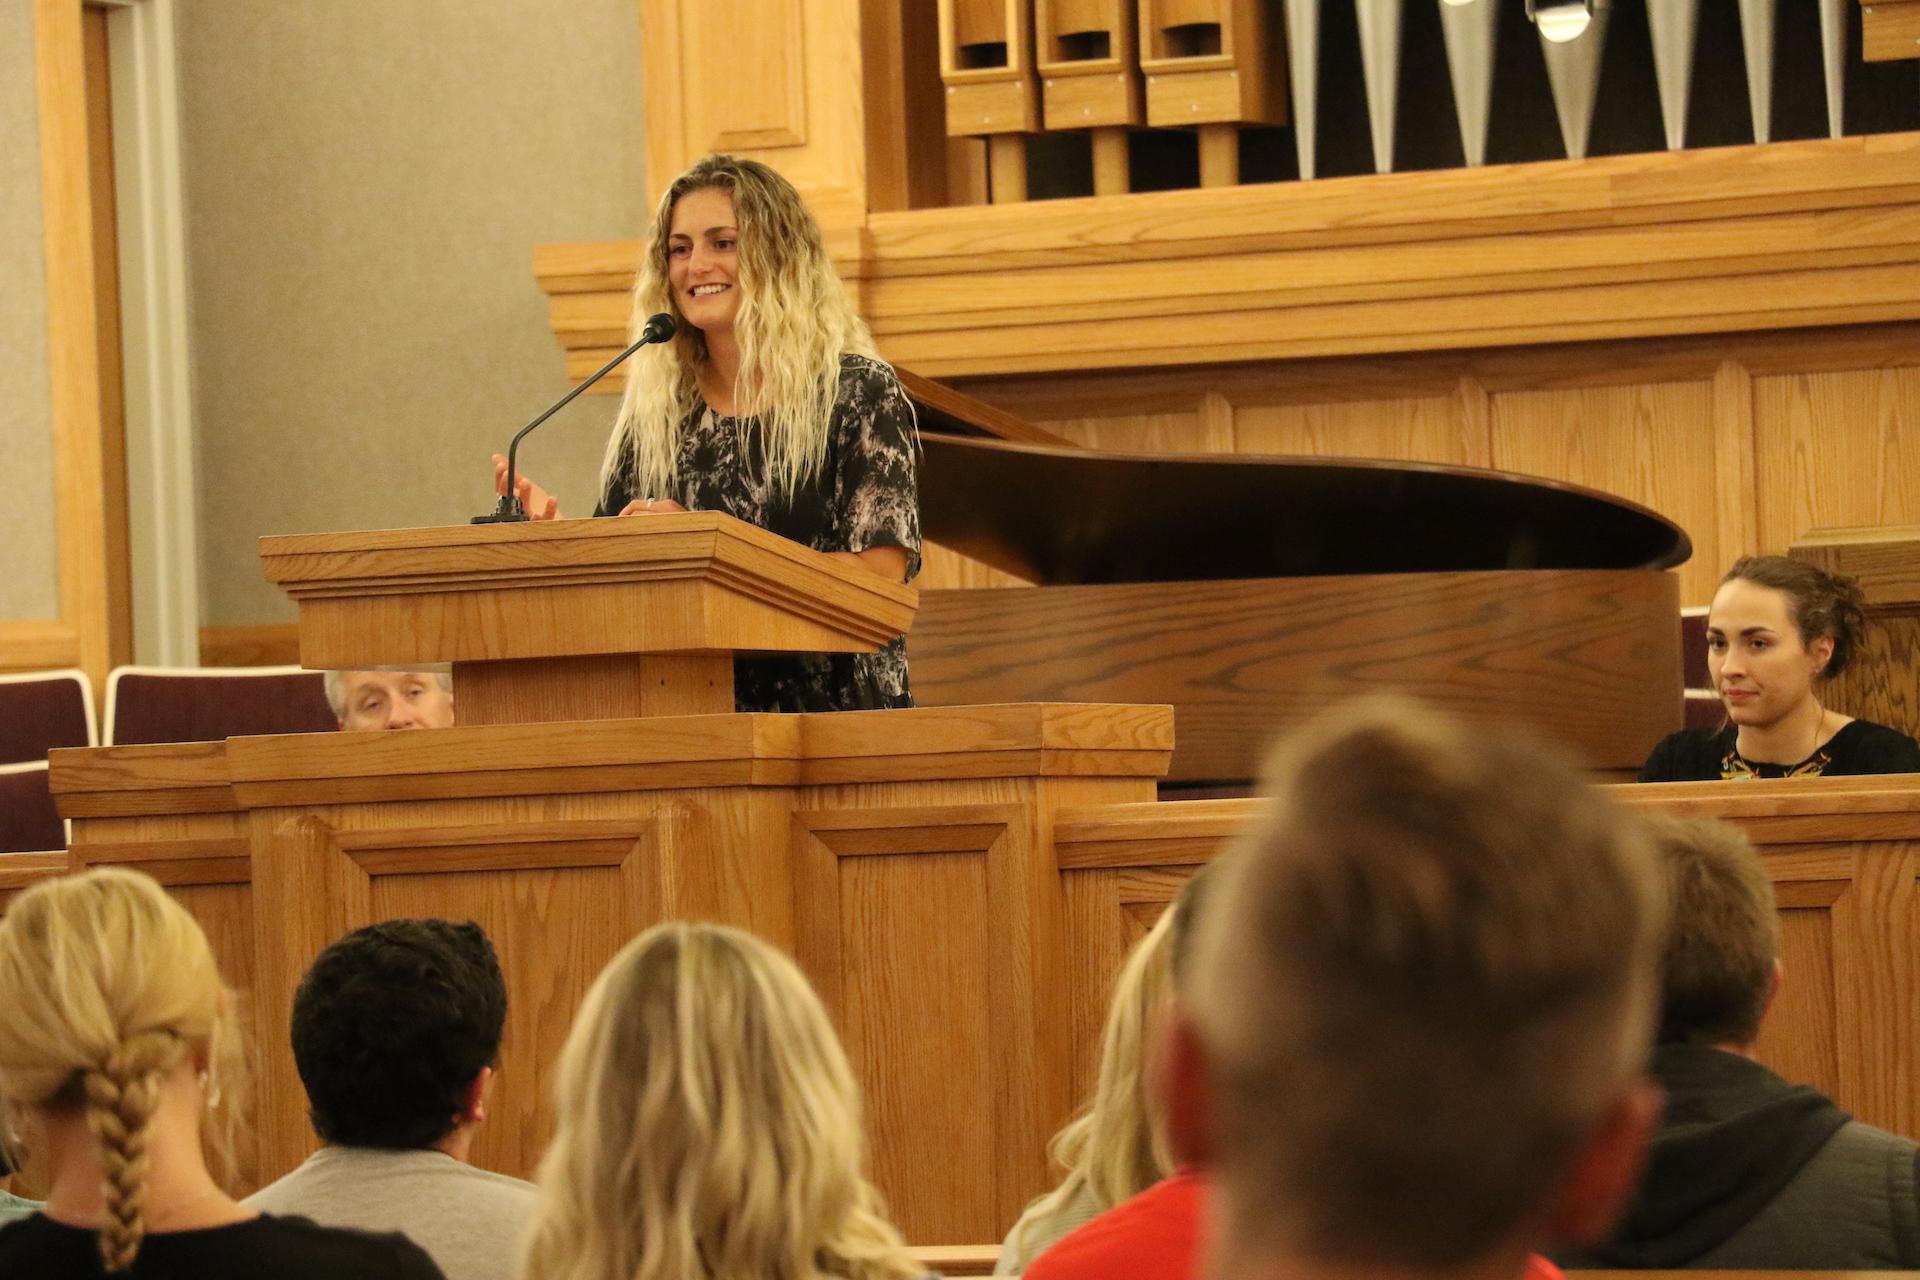 Ute soccer midfielder Eden Jacobsen speak at the athlete devotional at the University of Utah on Sept. 27, 2019.